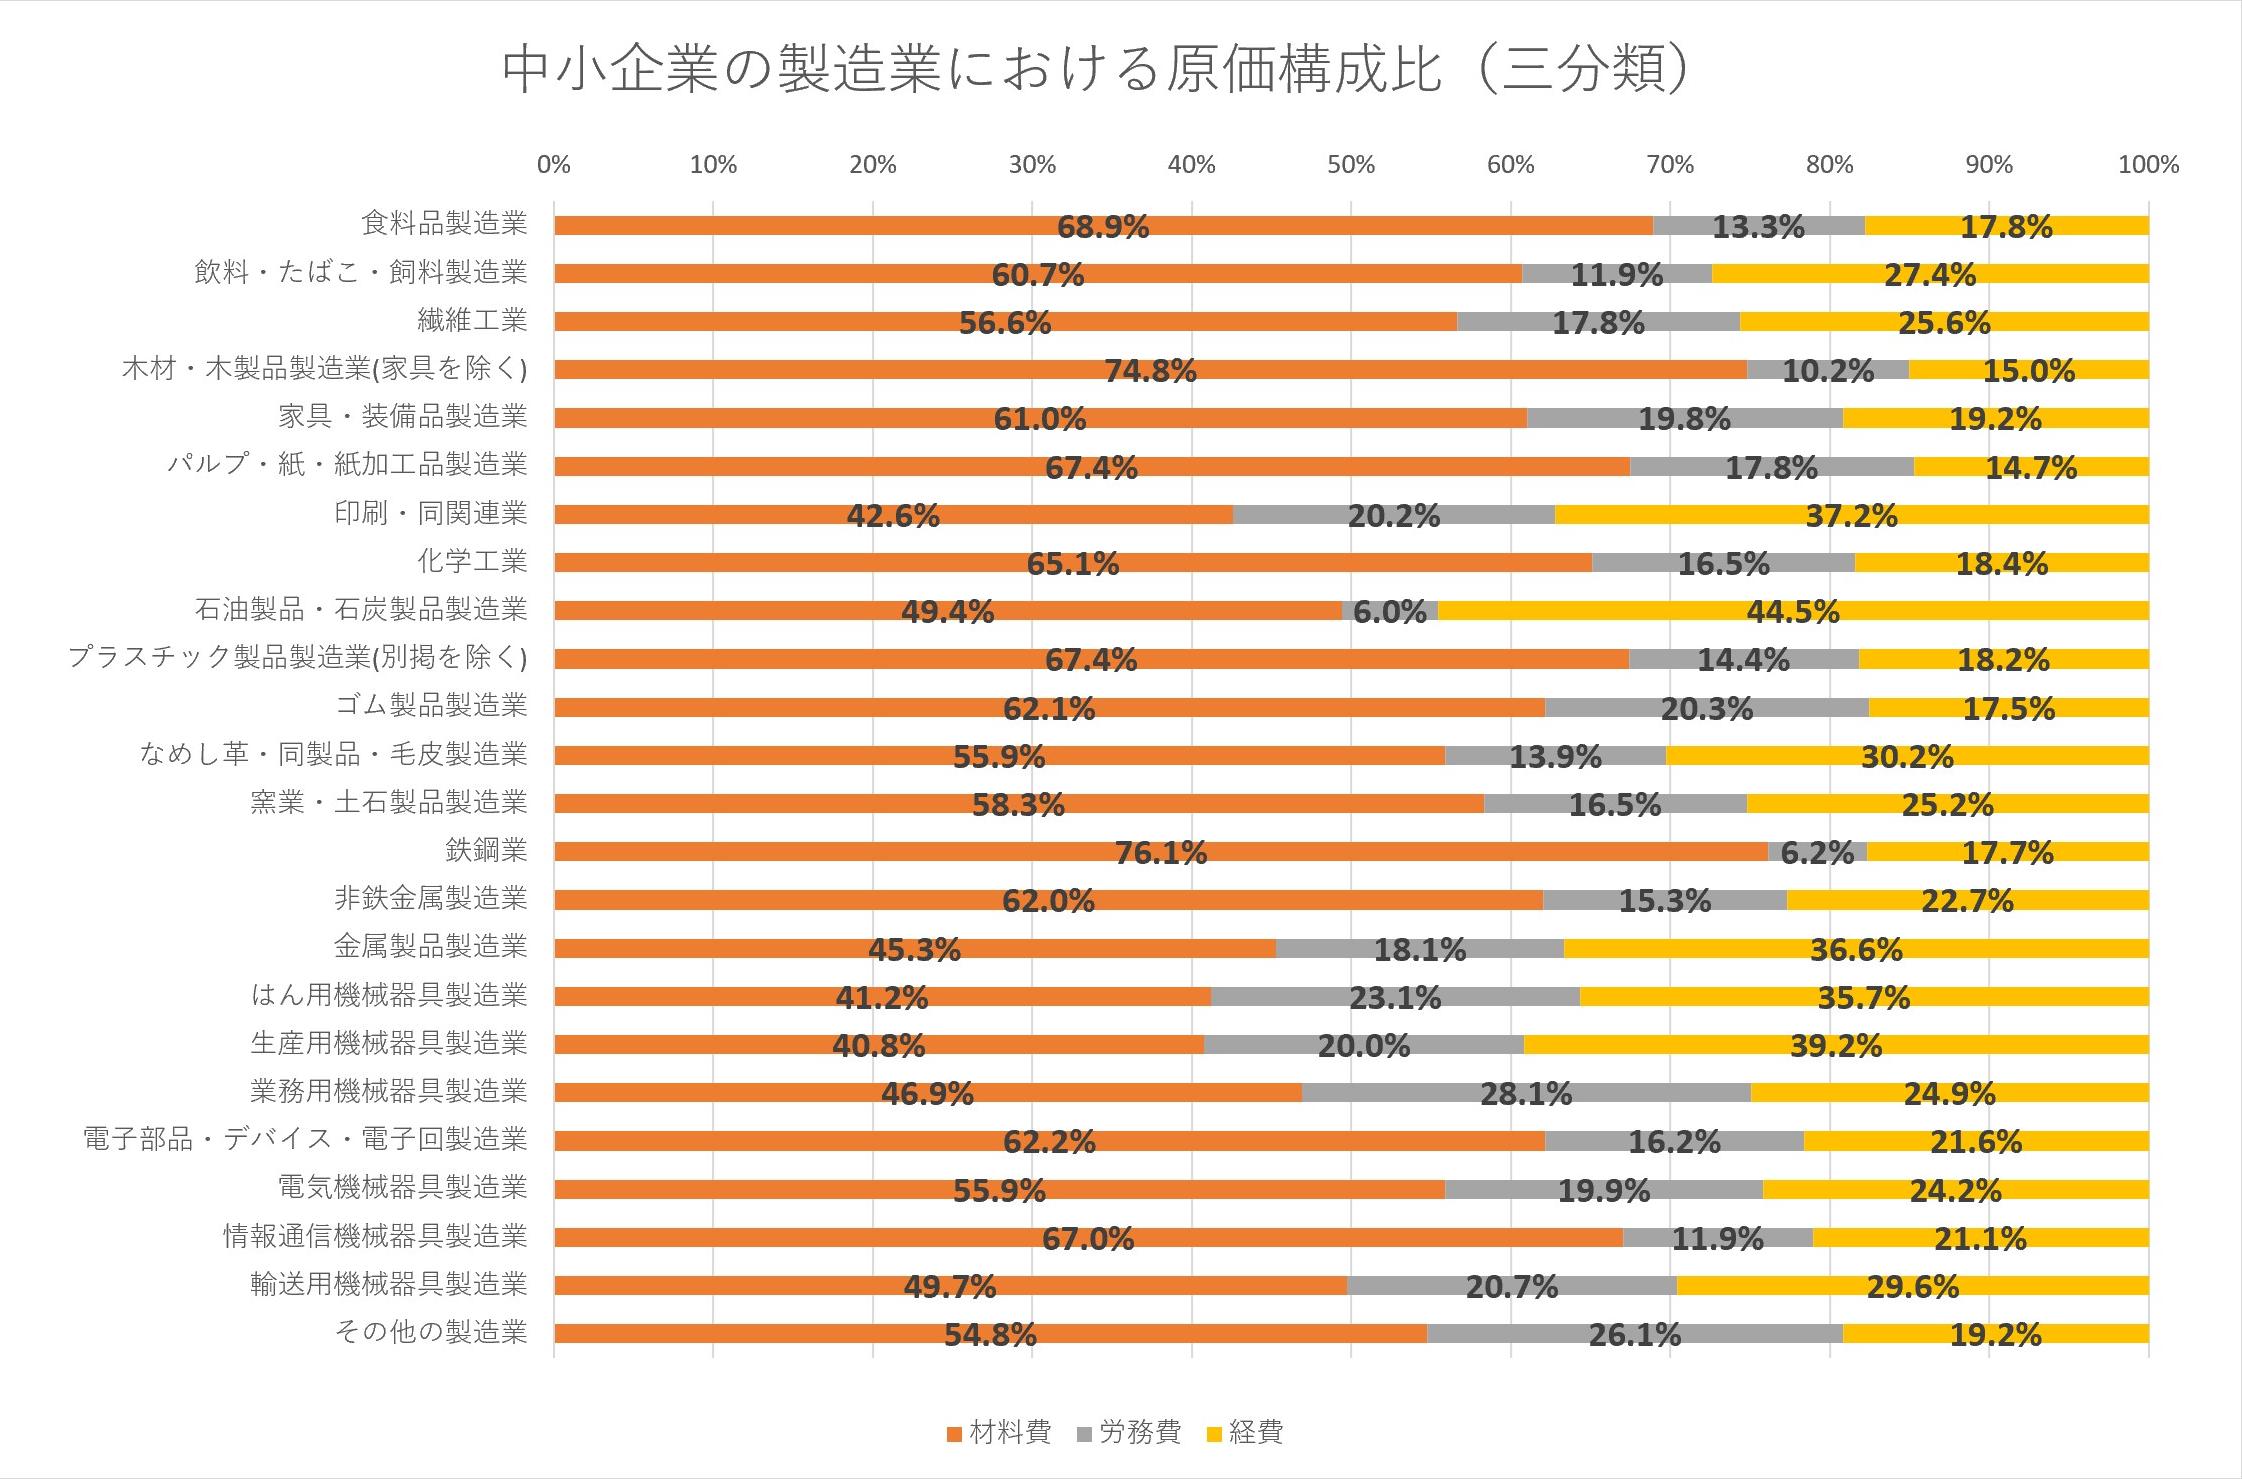 製造業における原価構成比のイメージ